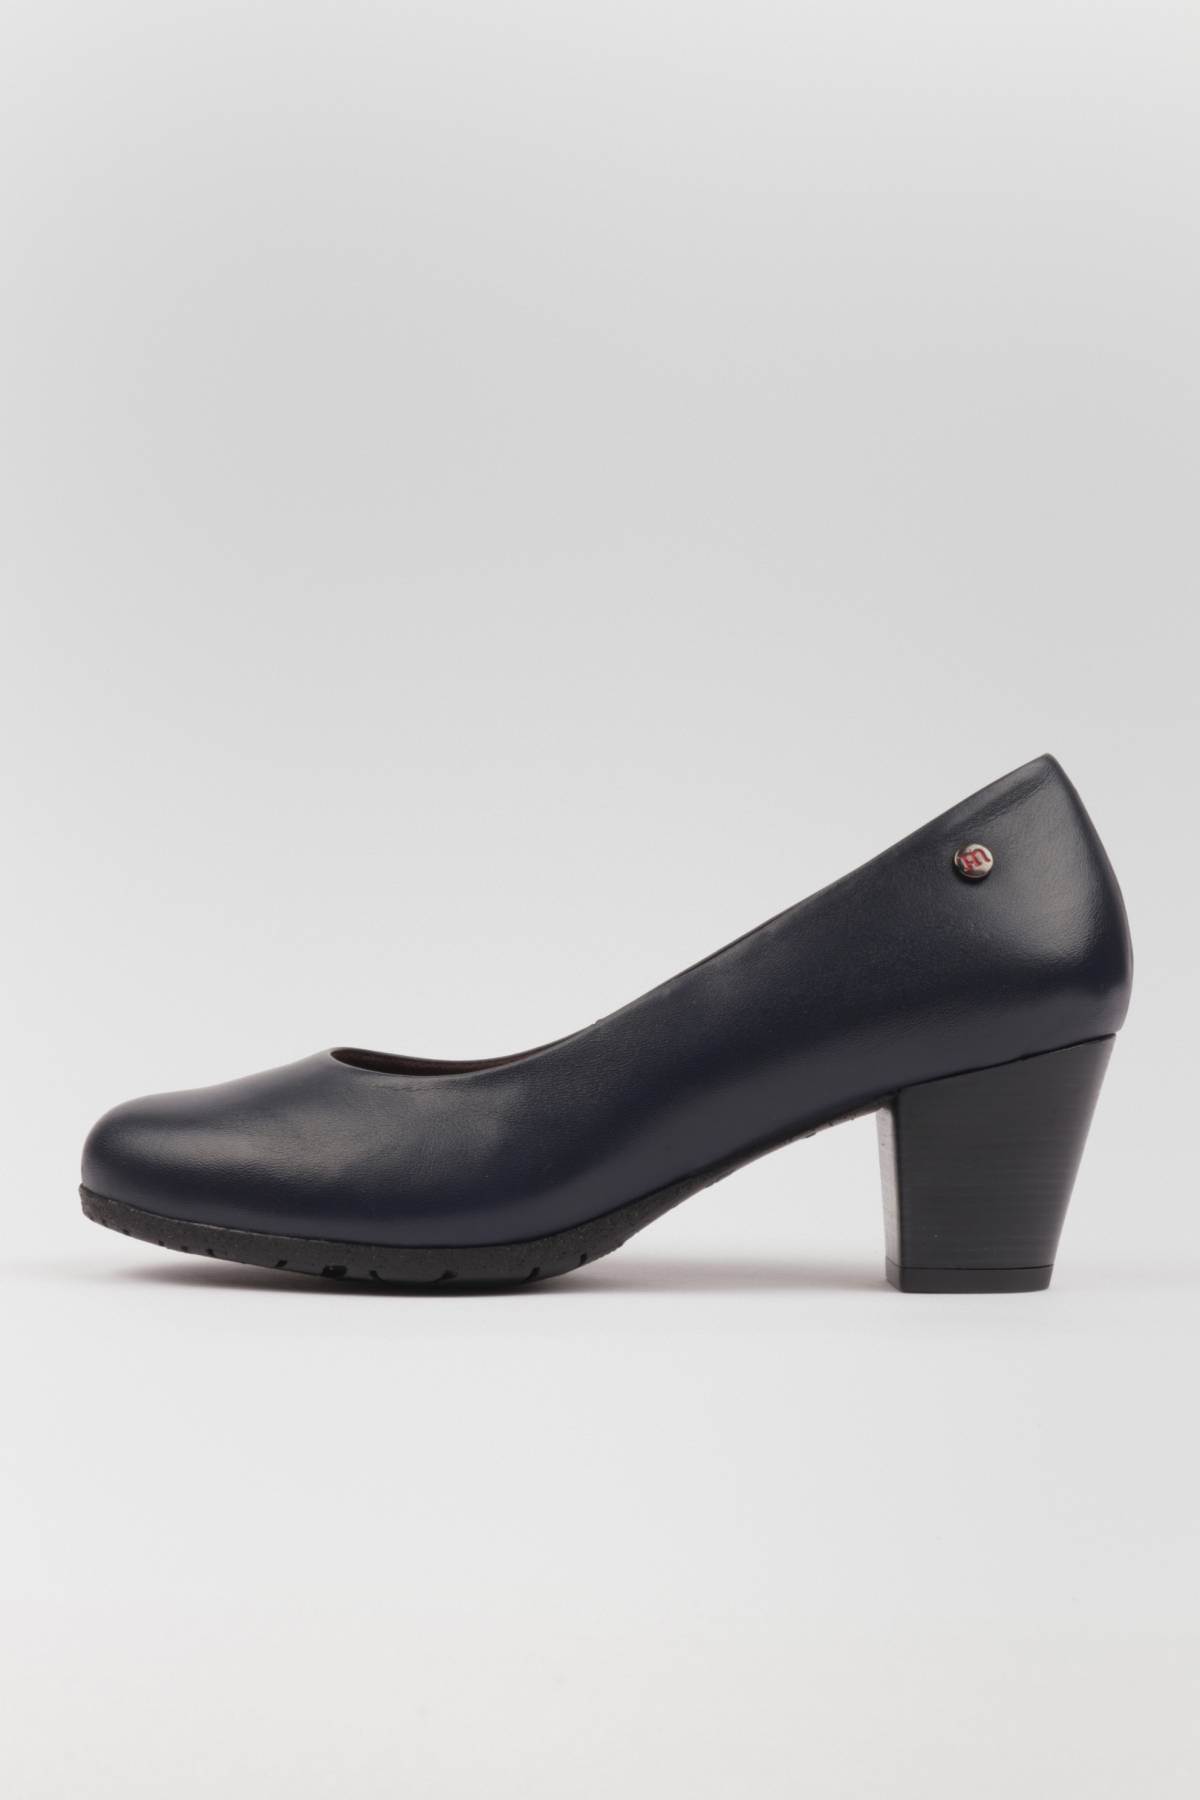 Comfortable mid heel pumps shoes navy